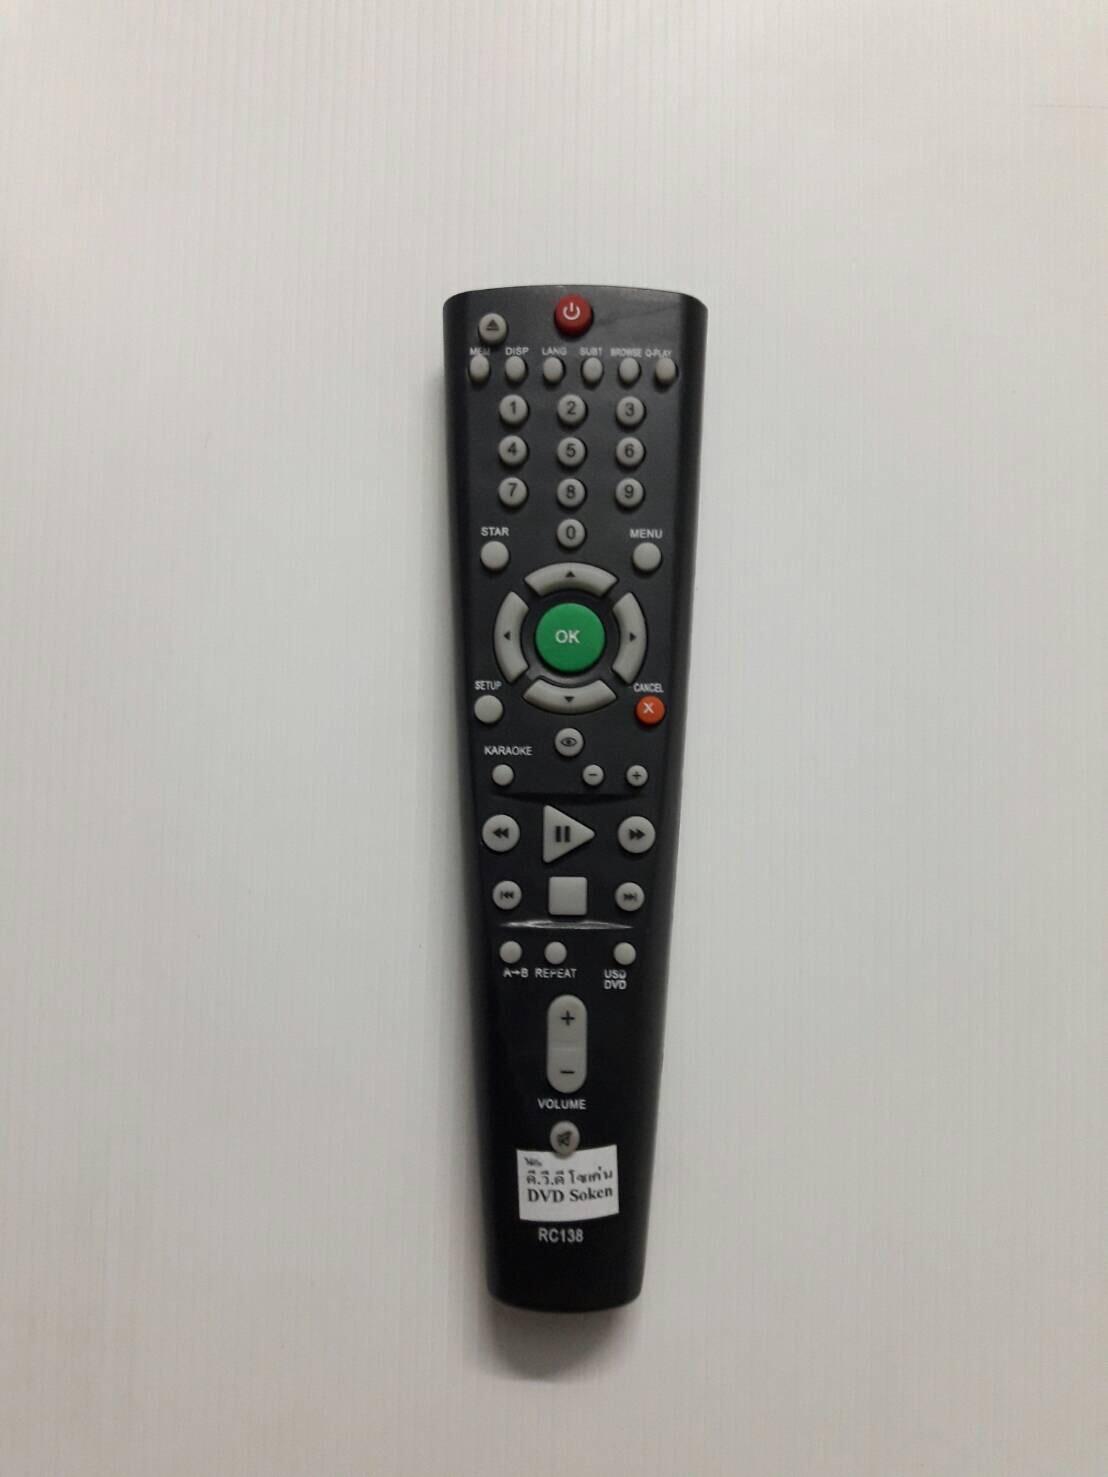 รีโมทดีวีดี โซเค่น soken RC138 ยาว